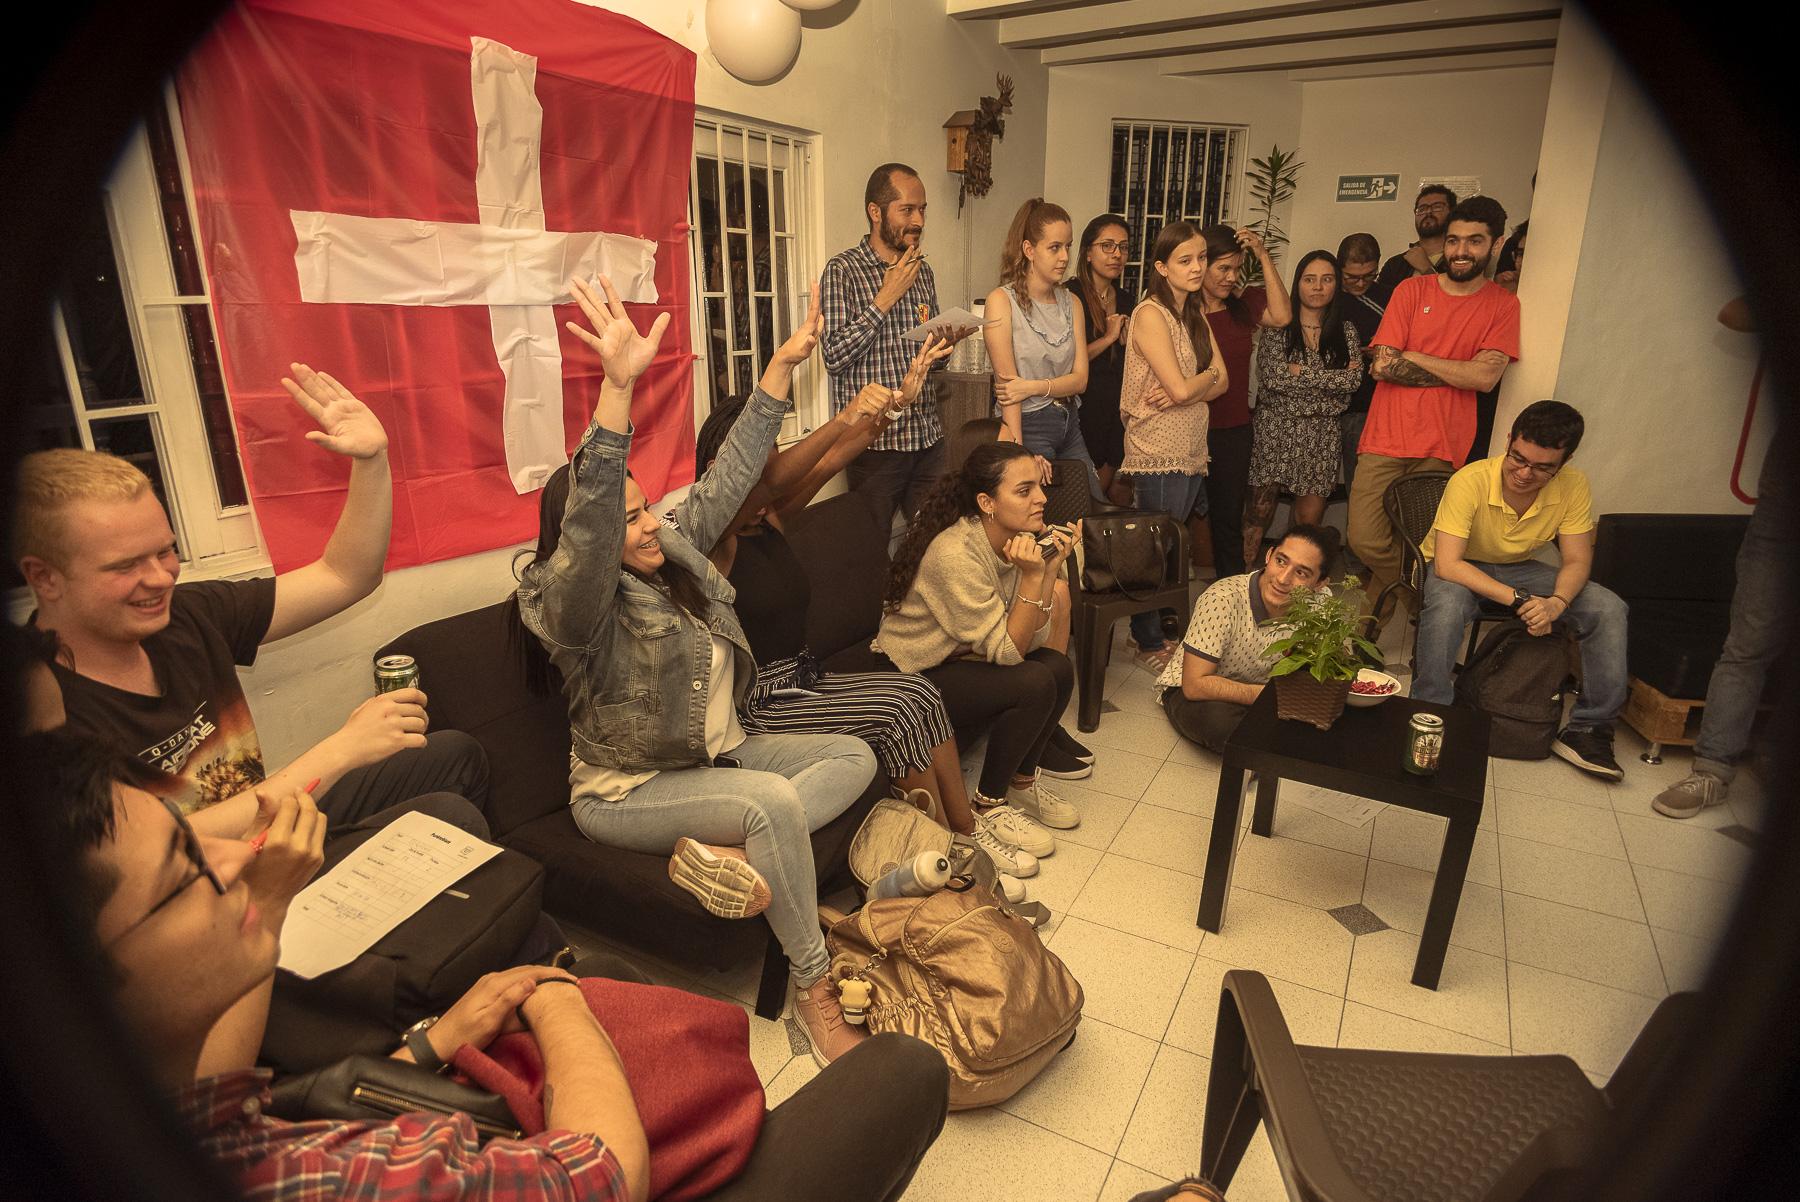 schweizer-nationalfeiertag.jpg